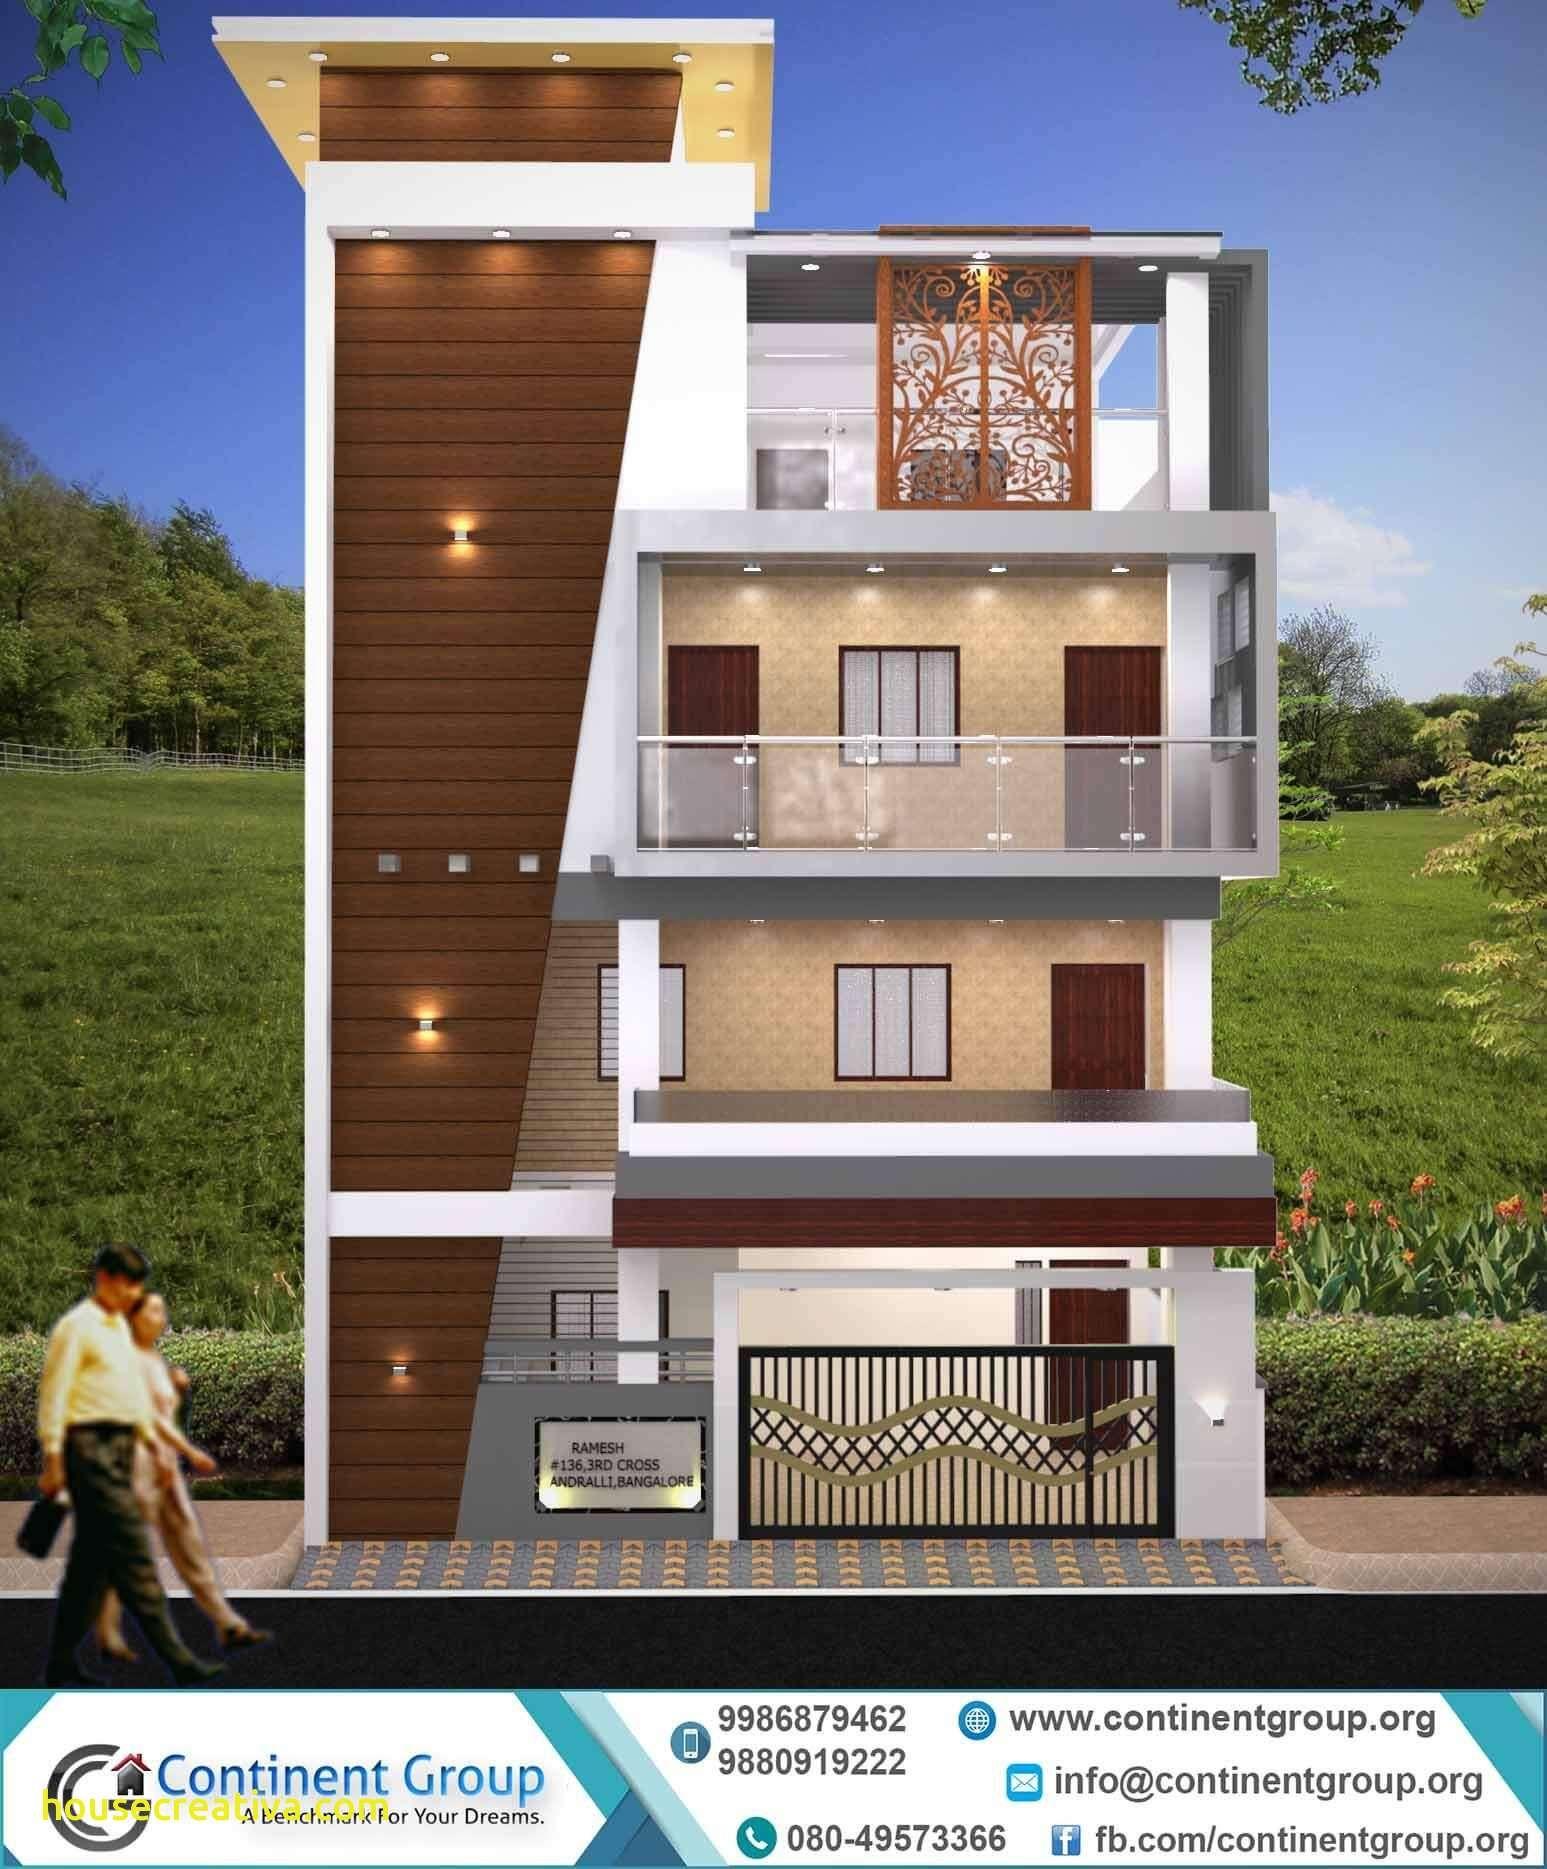 Best Of House Elevation Front Design #homedecoration